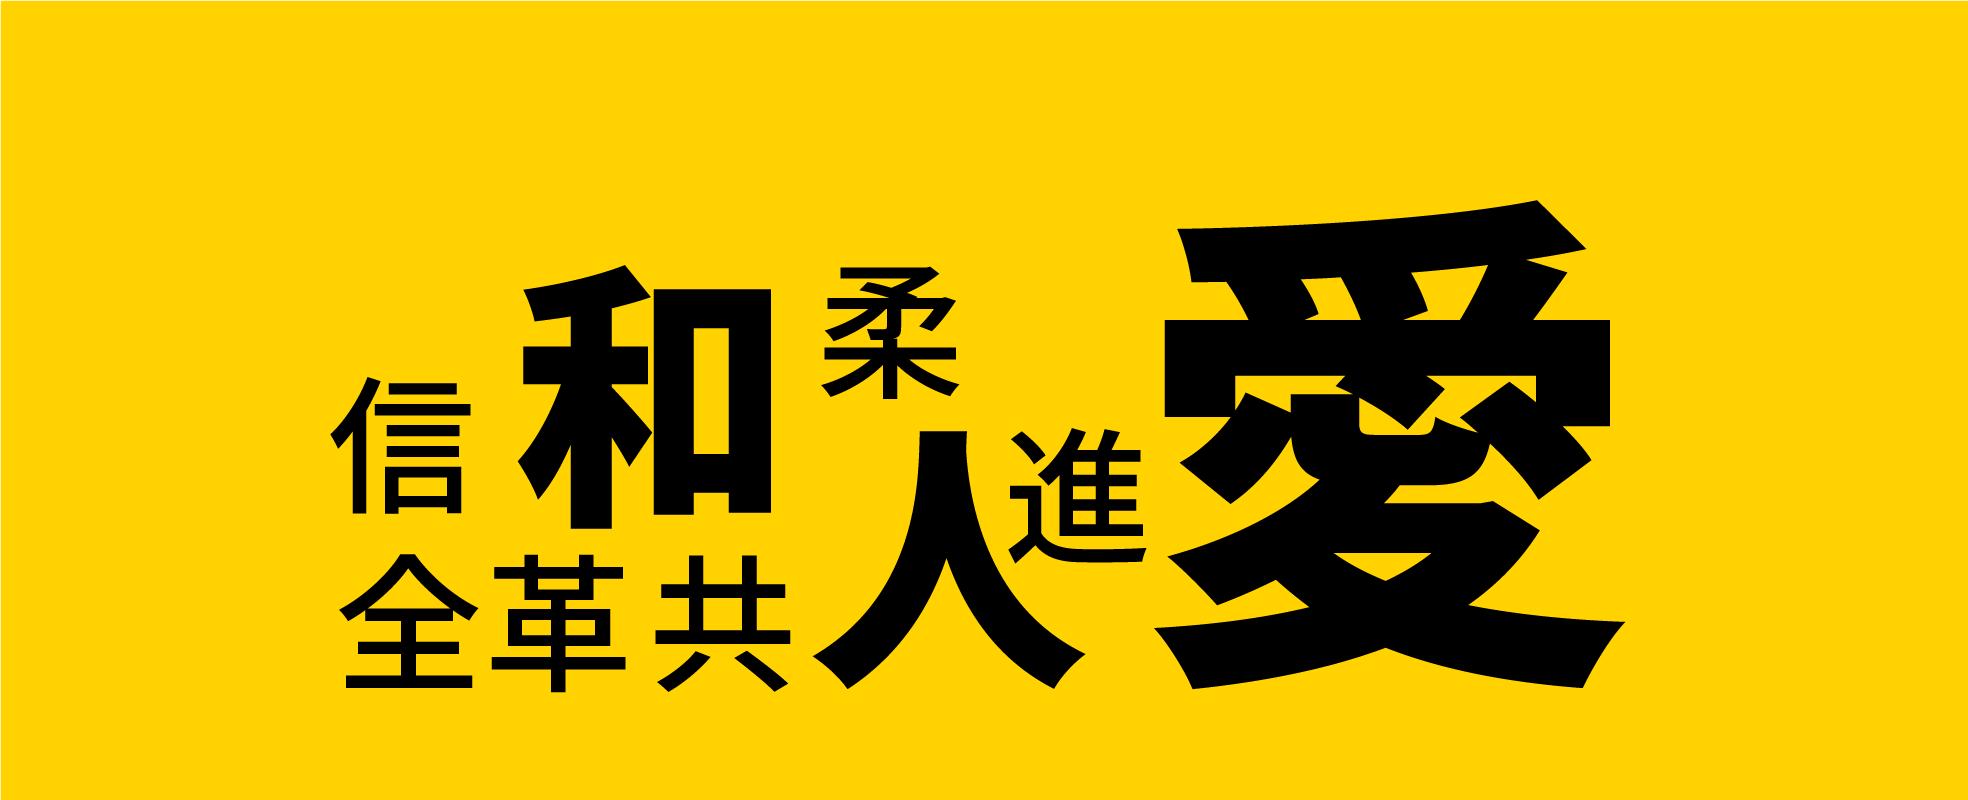 Q11 まるを漢字一文字で表現すると?